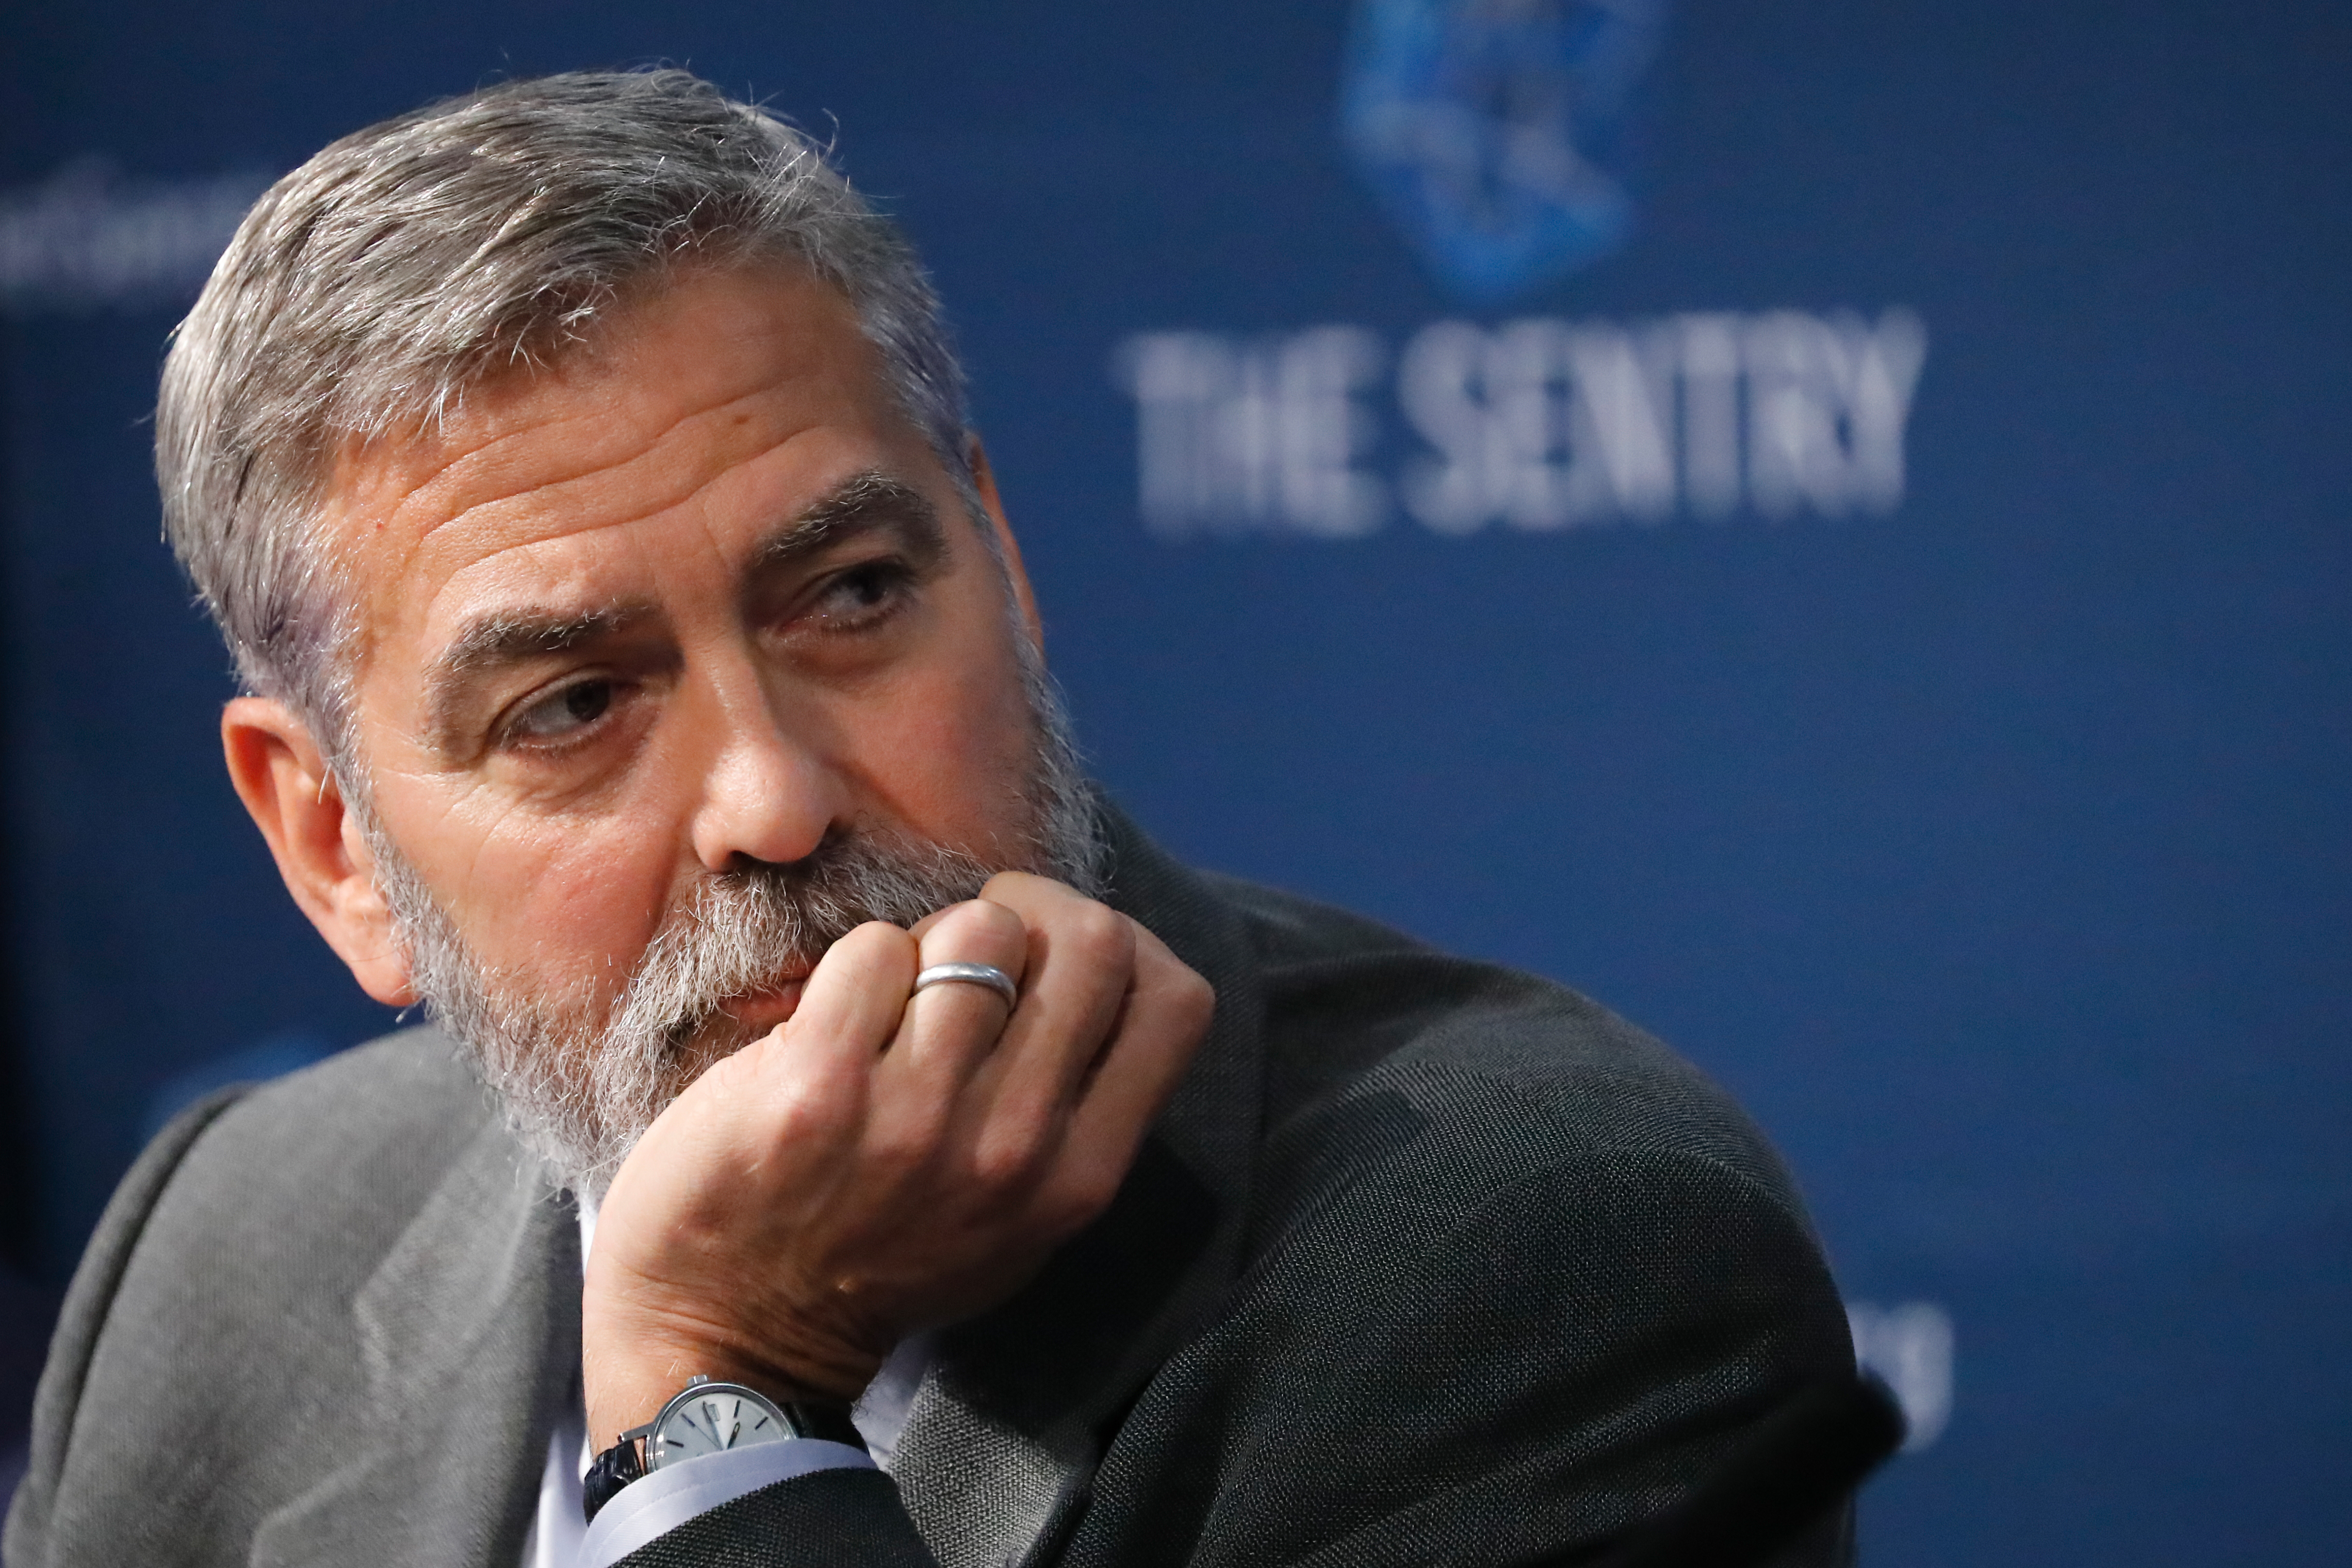 George Clooney visszatér: Azért éri meg szembeszállni Orbánnal, hogy a gyerekeim jobb világban élhessenek